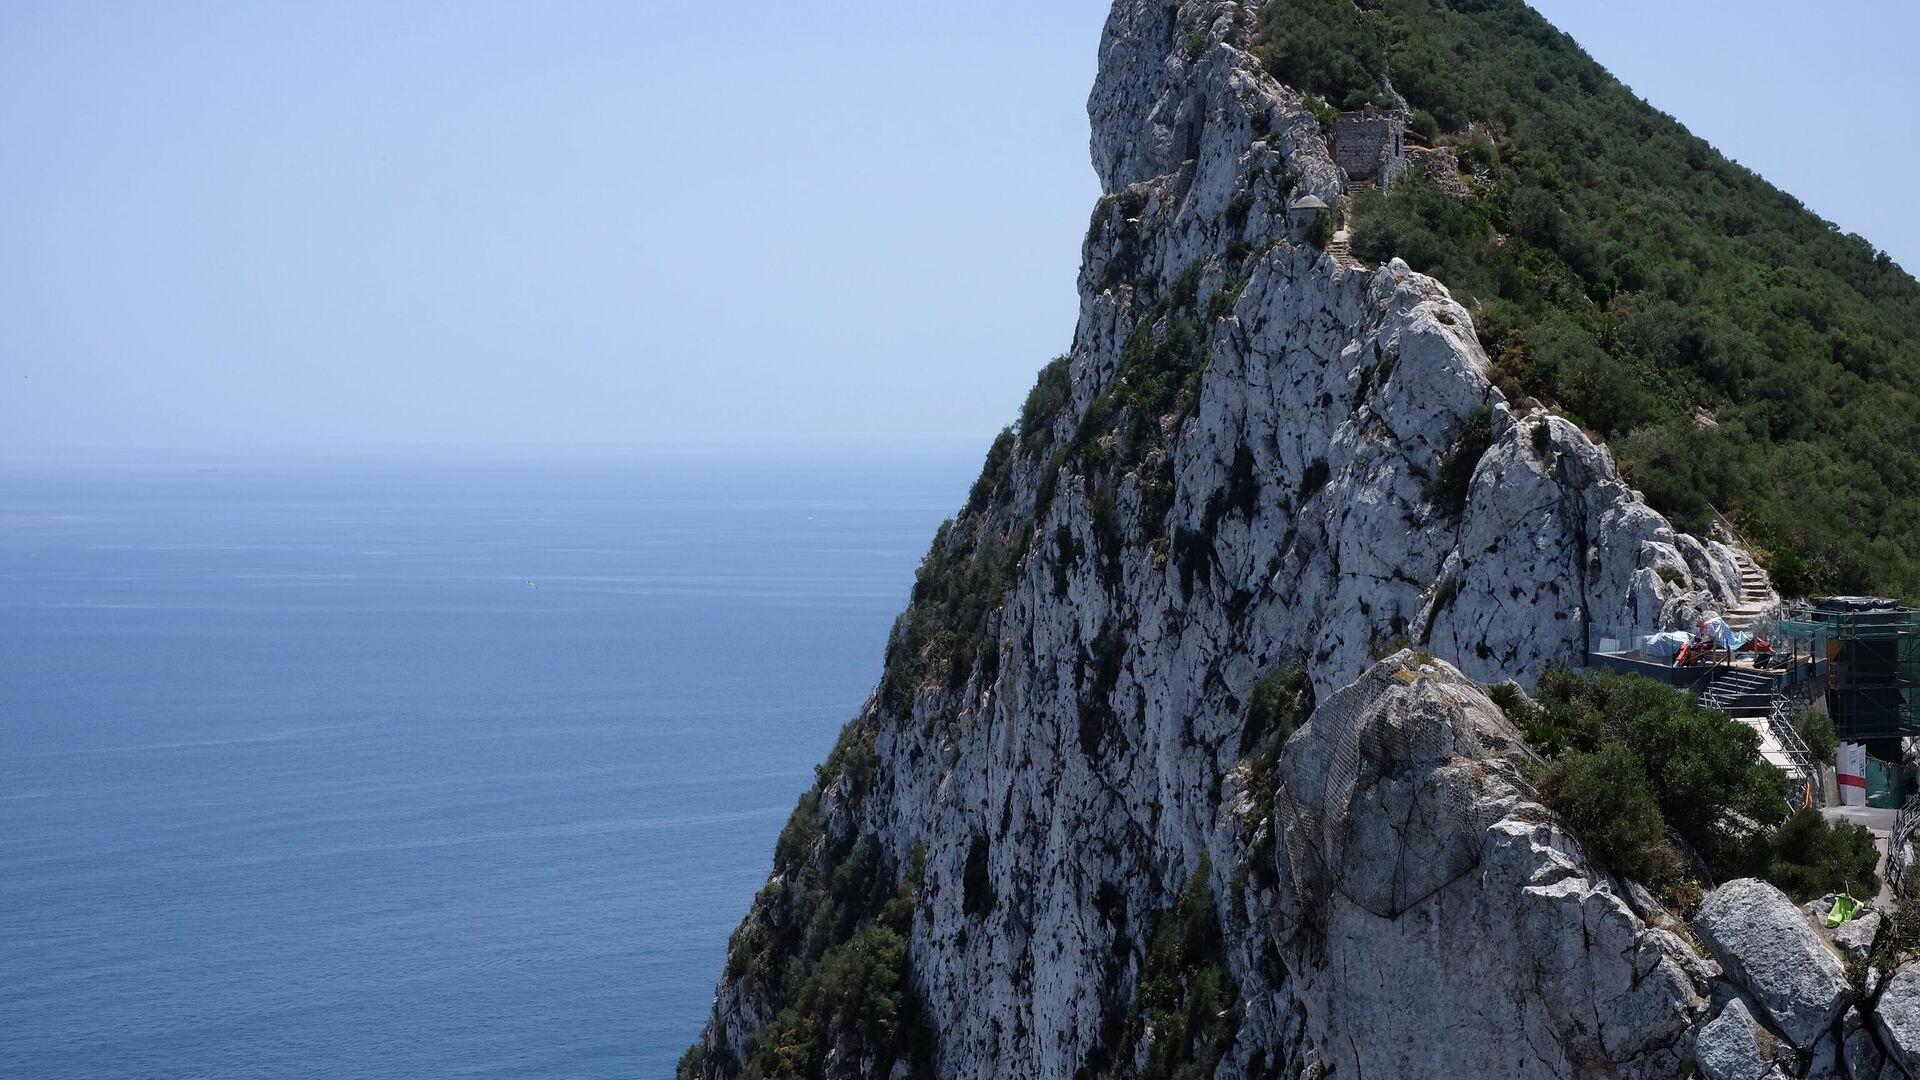 Gibraltar - SNA, 1920, 11.07.2021